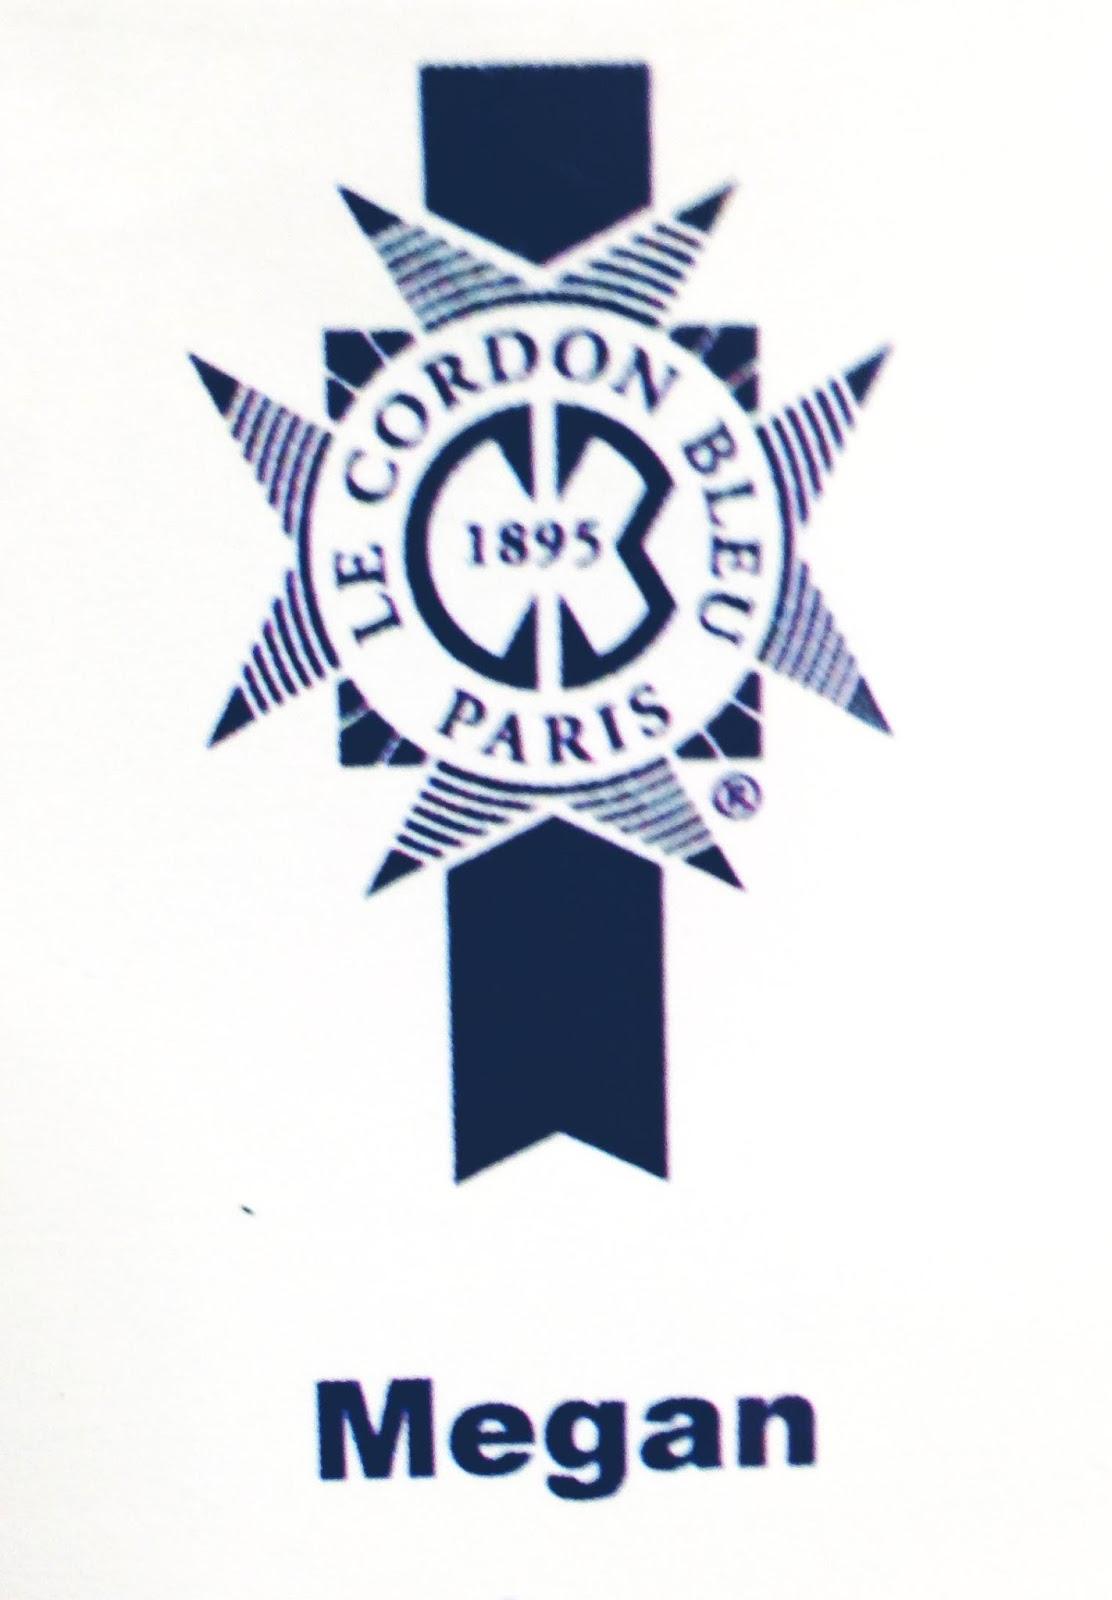 meg-made Le Cordon Bleu London